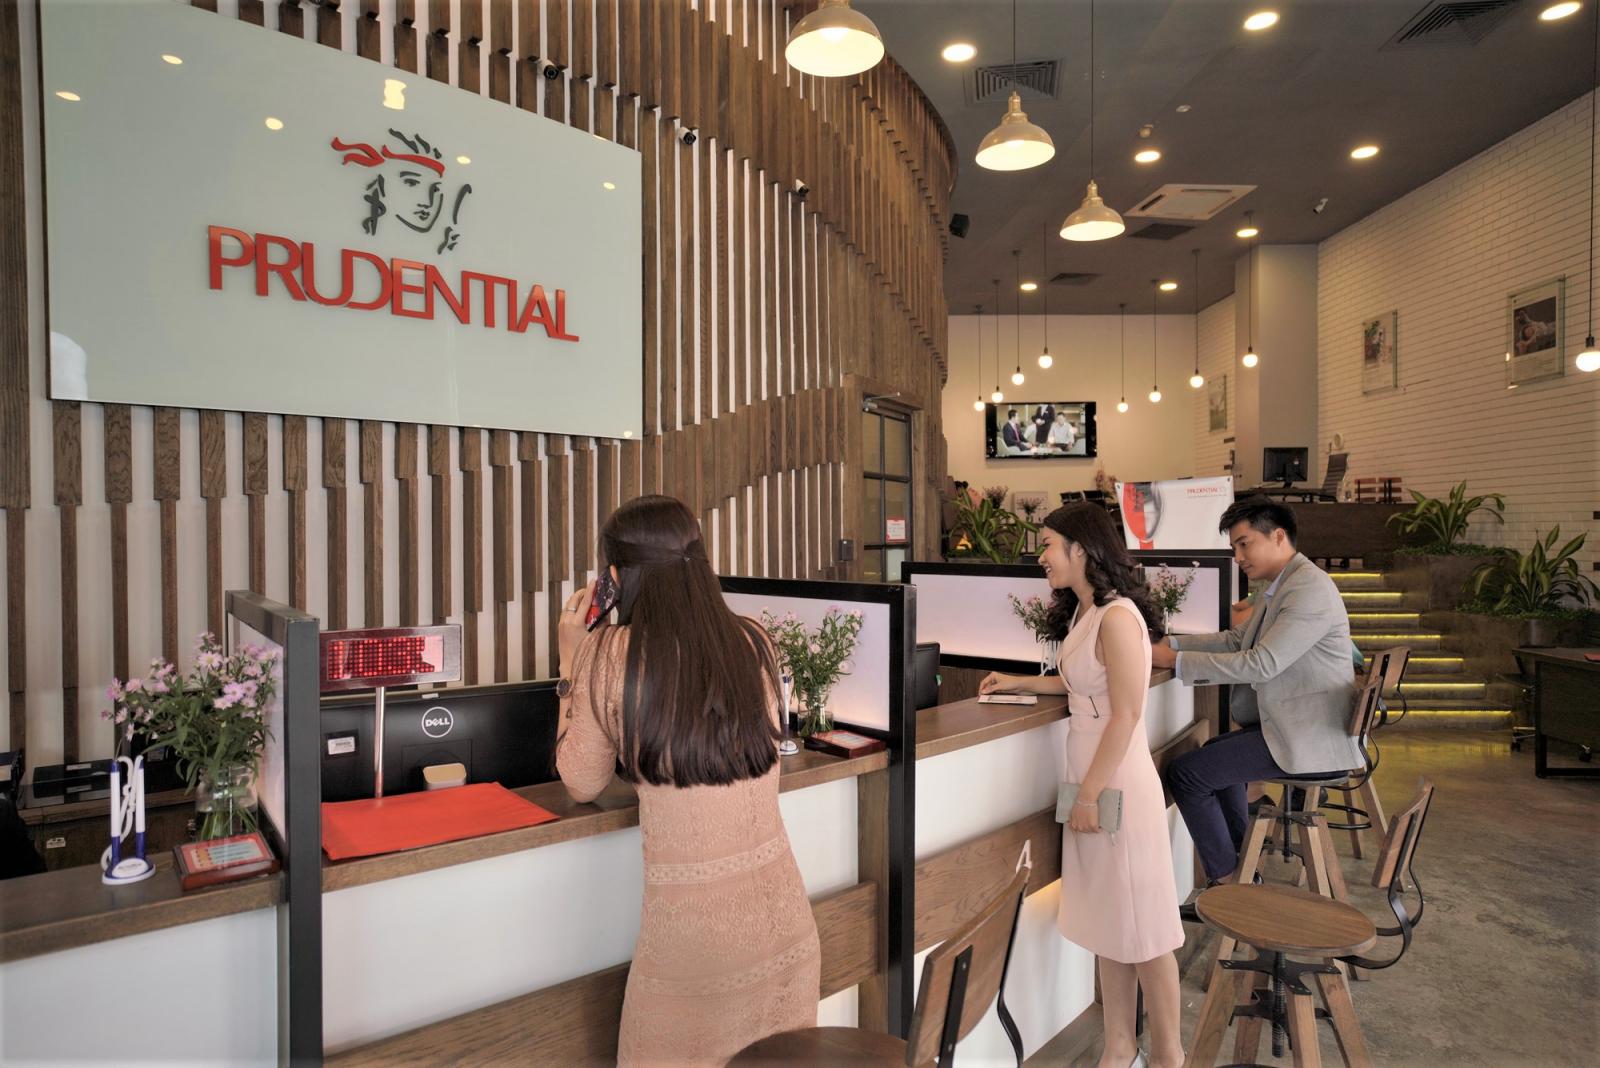 Khách hàng đã đồng thuận với quyết định của Prudential và cho tới thời điểm hiện tại quyền lợi của khách hàng N.T.N.D đã được hoàn tất giải quyết. (Ảnh: LT)